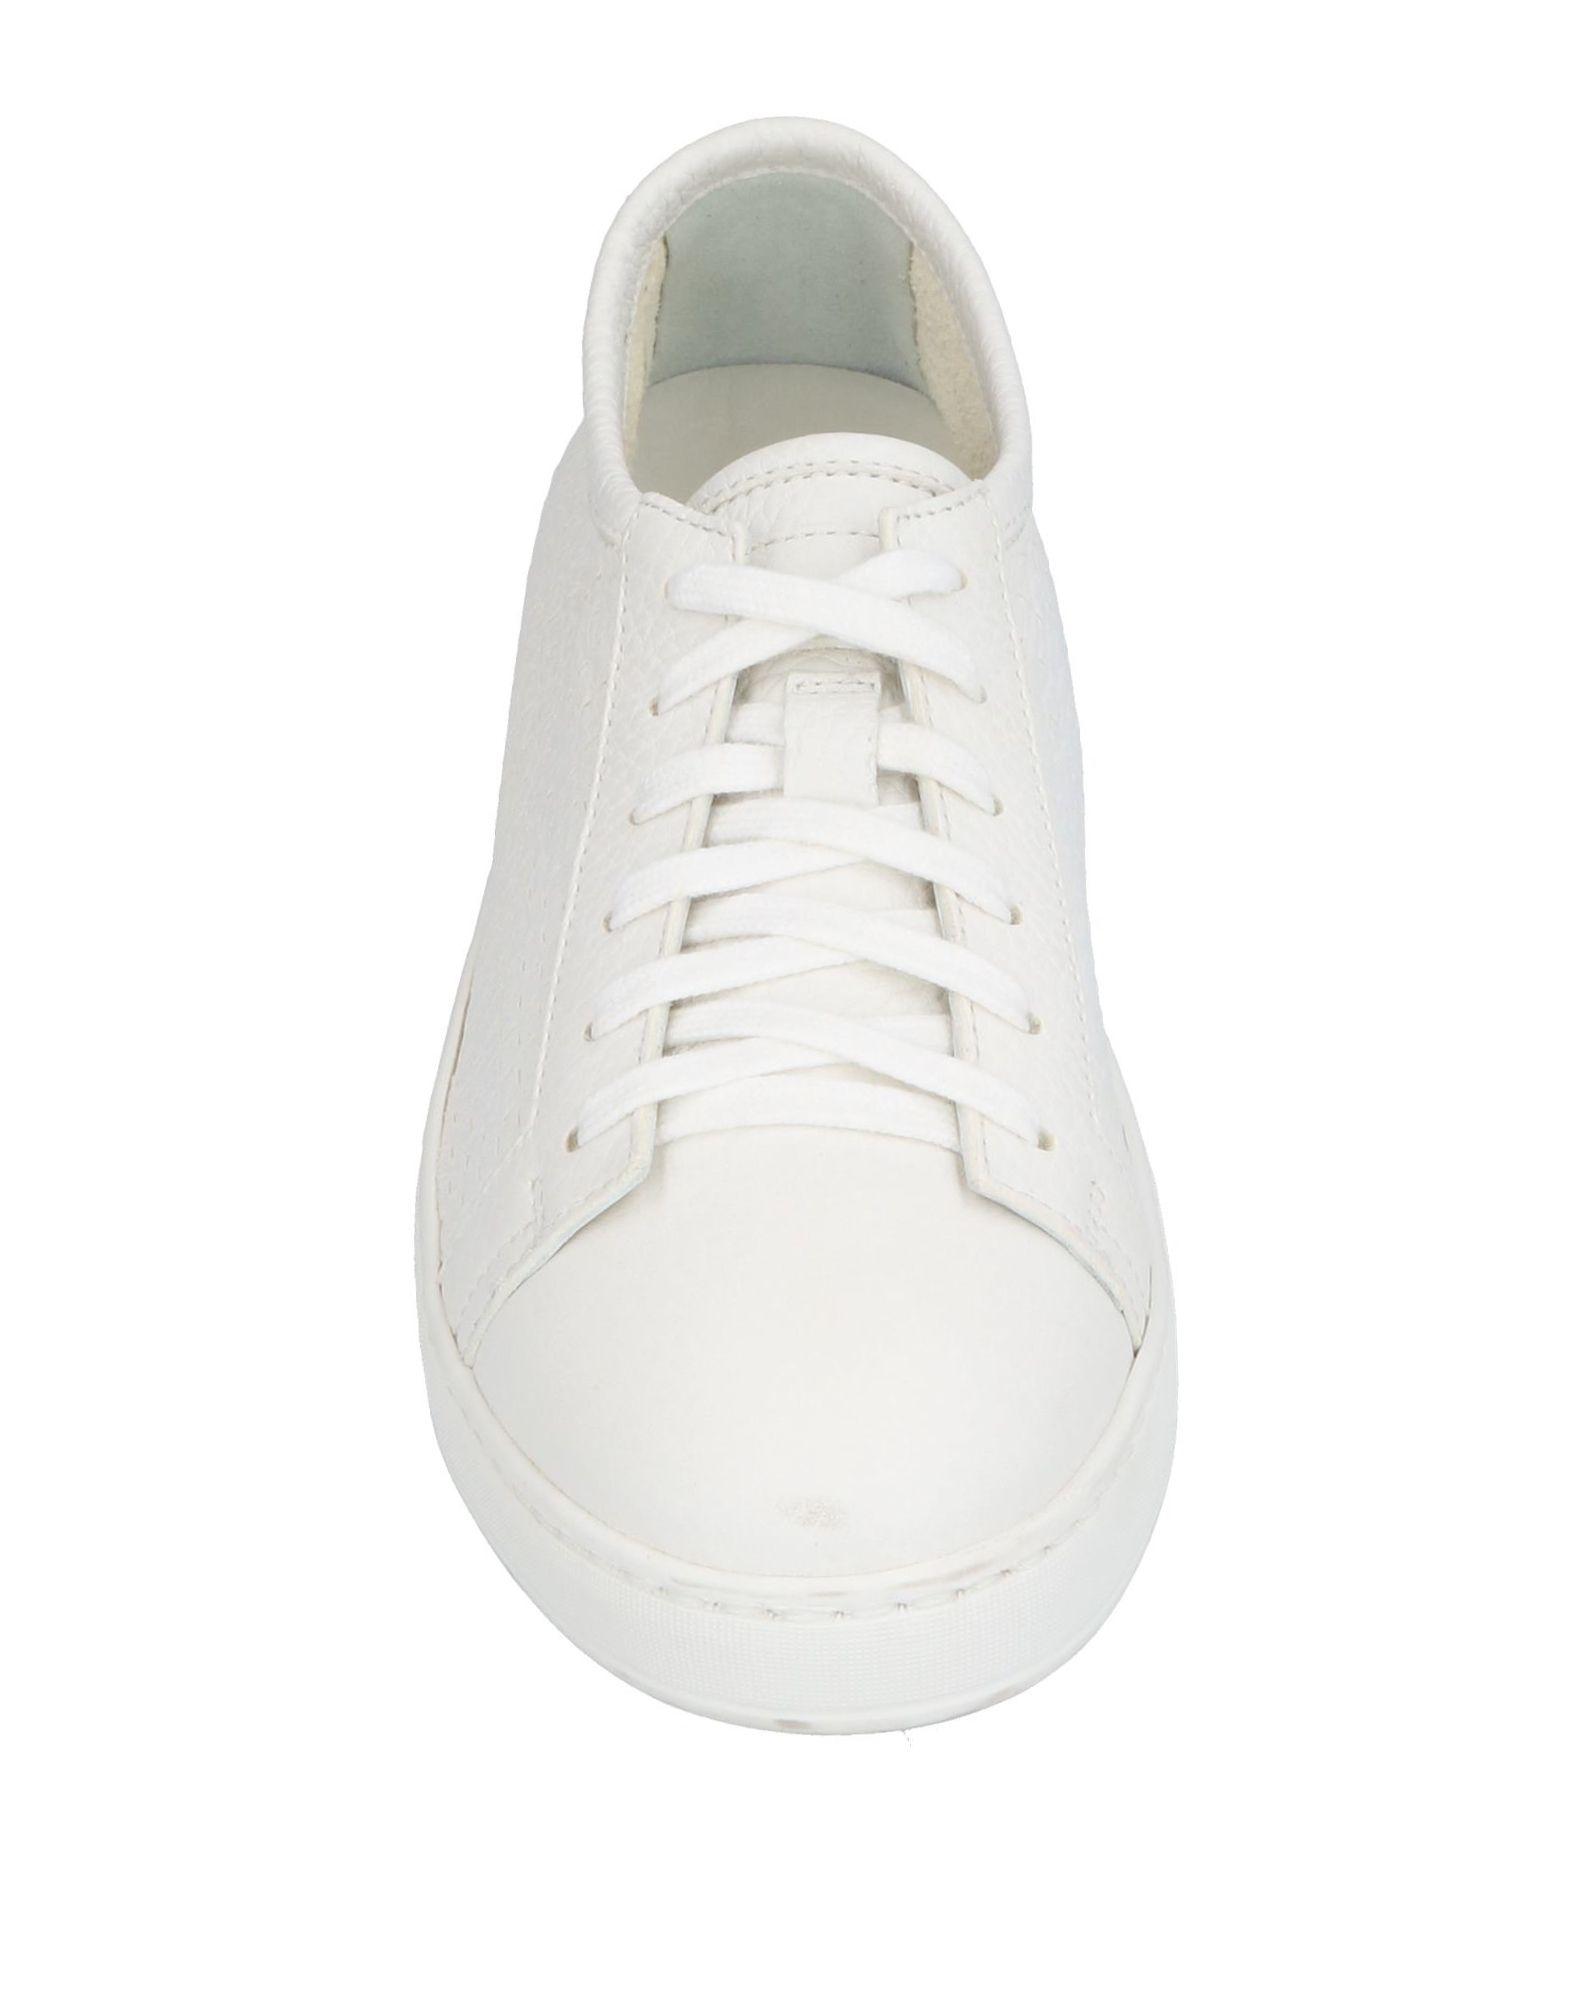 Santoni Santoni Santoni Sneakers Damen  11410862FG Heiße Schuhe 734680